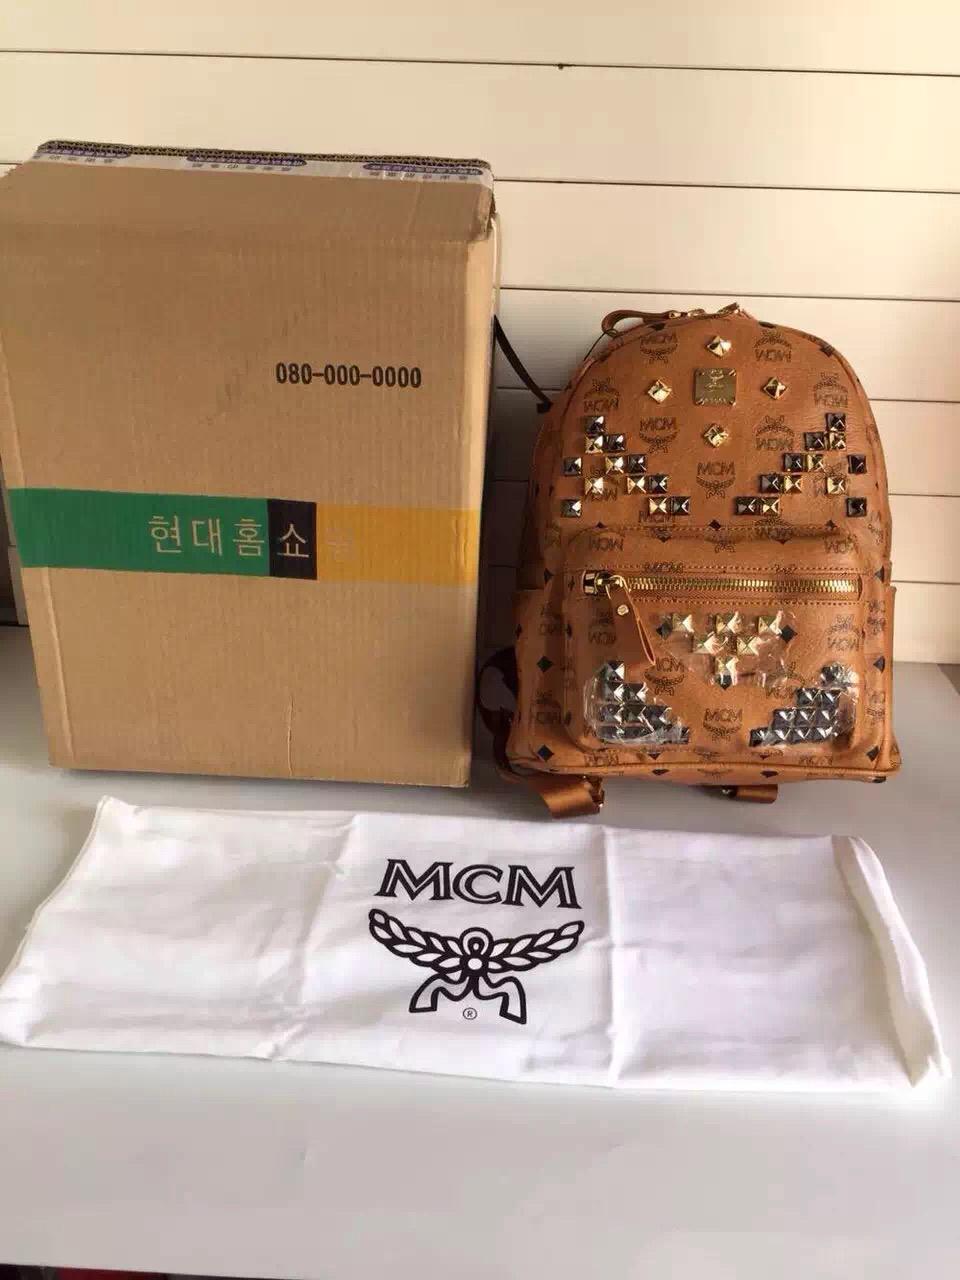 MCM原单官网 土黄小号背包双肩包 送全套包装 原单品质